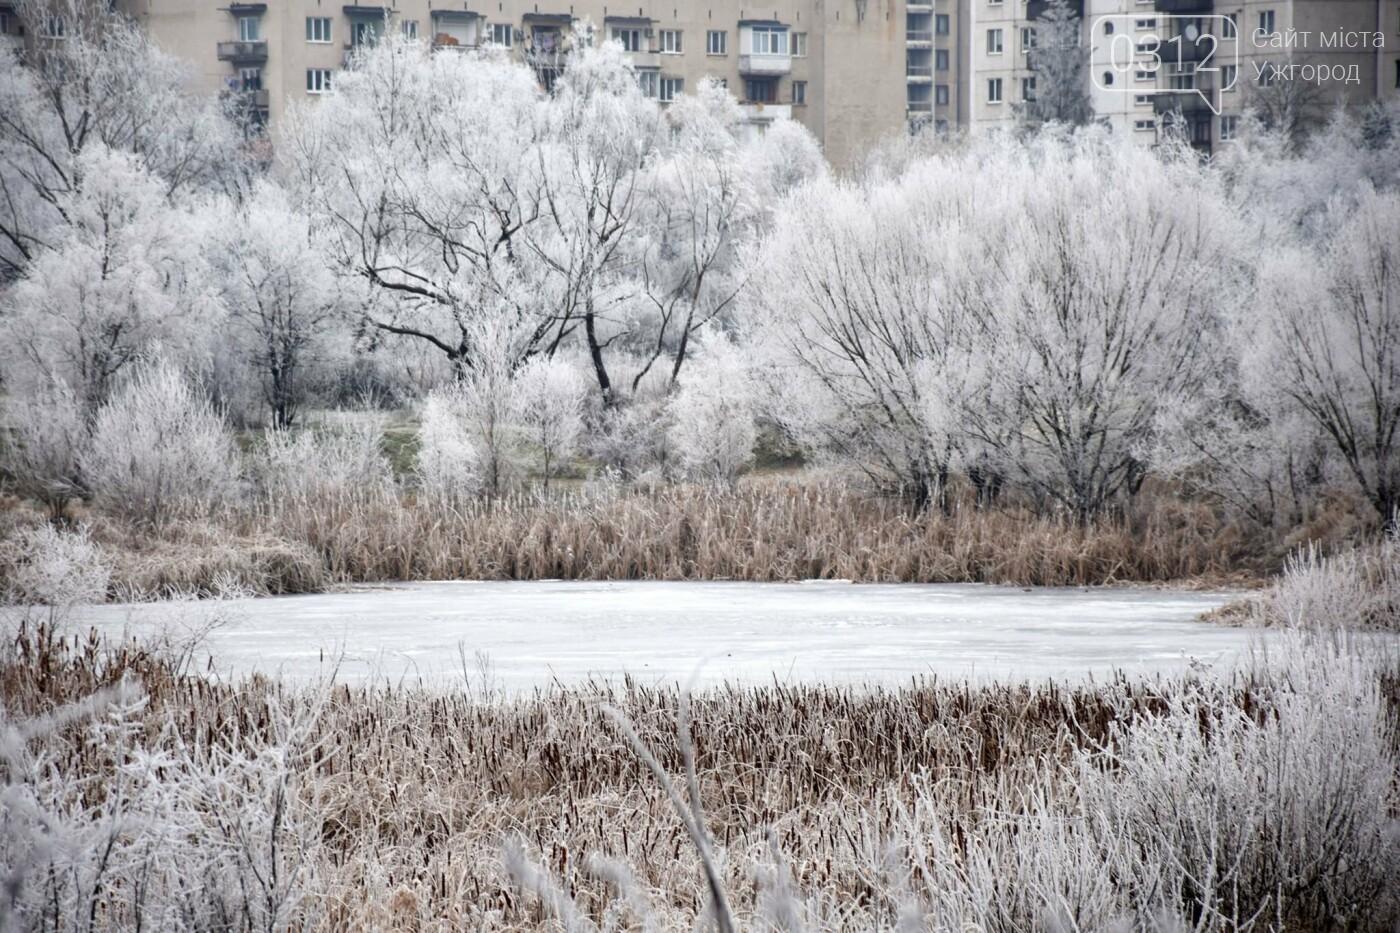 Ужгородський парк «Кірпічка»: засніжений і без снігу, фото-6